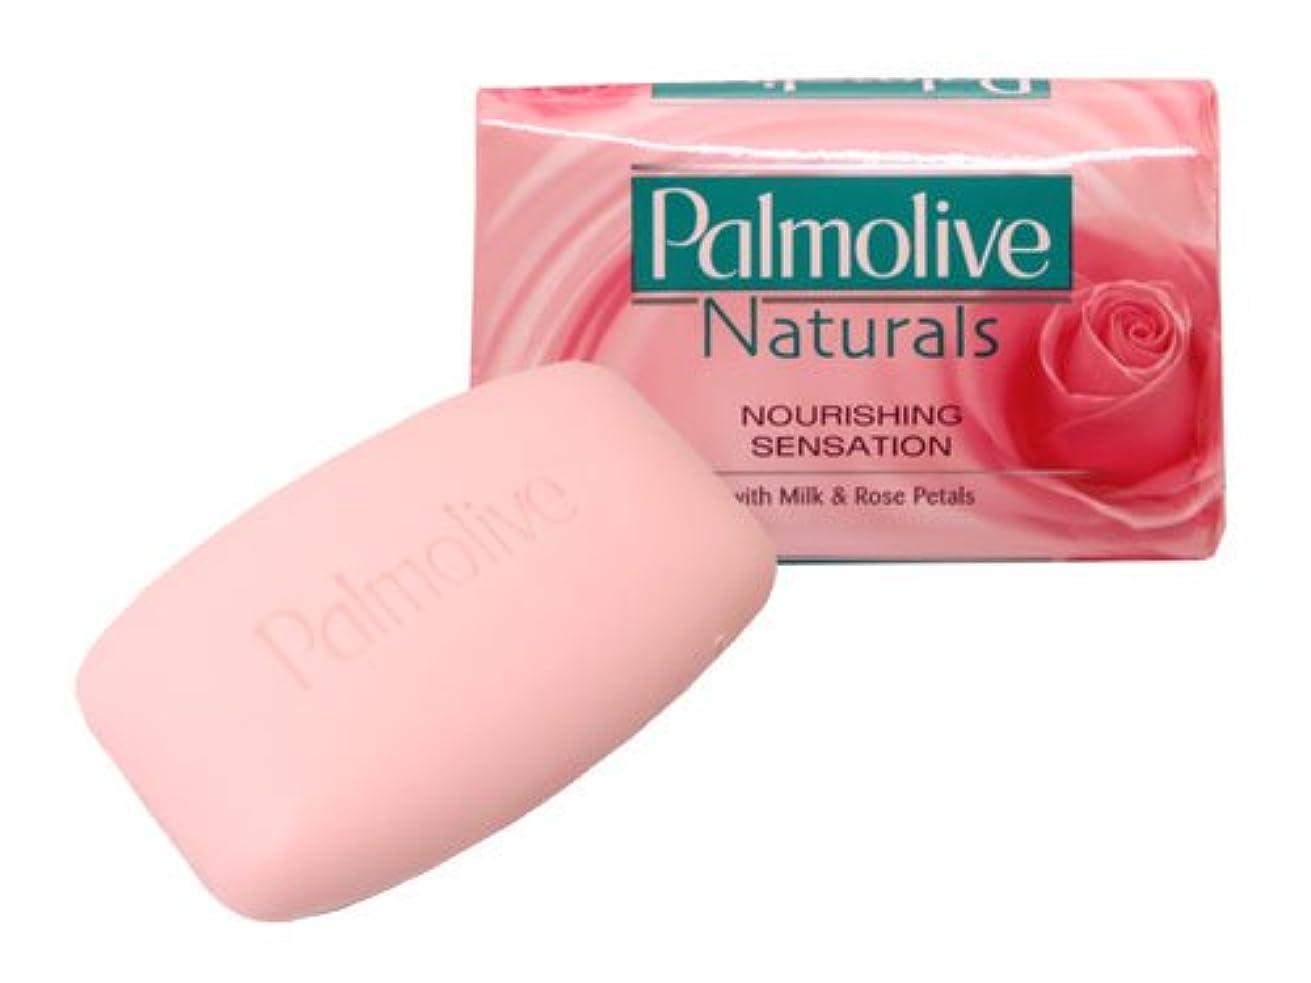 くしゃみボール返済【Palmolive】パルモリーブ ナチュラルズ石鹸3個パック(ミルク&ローズ)